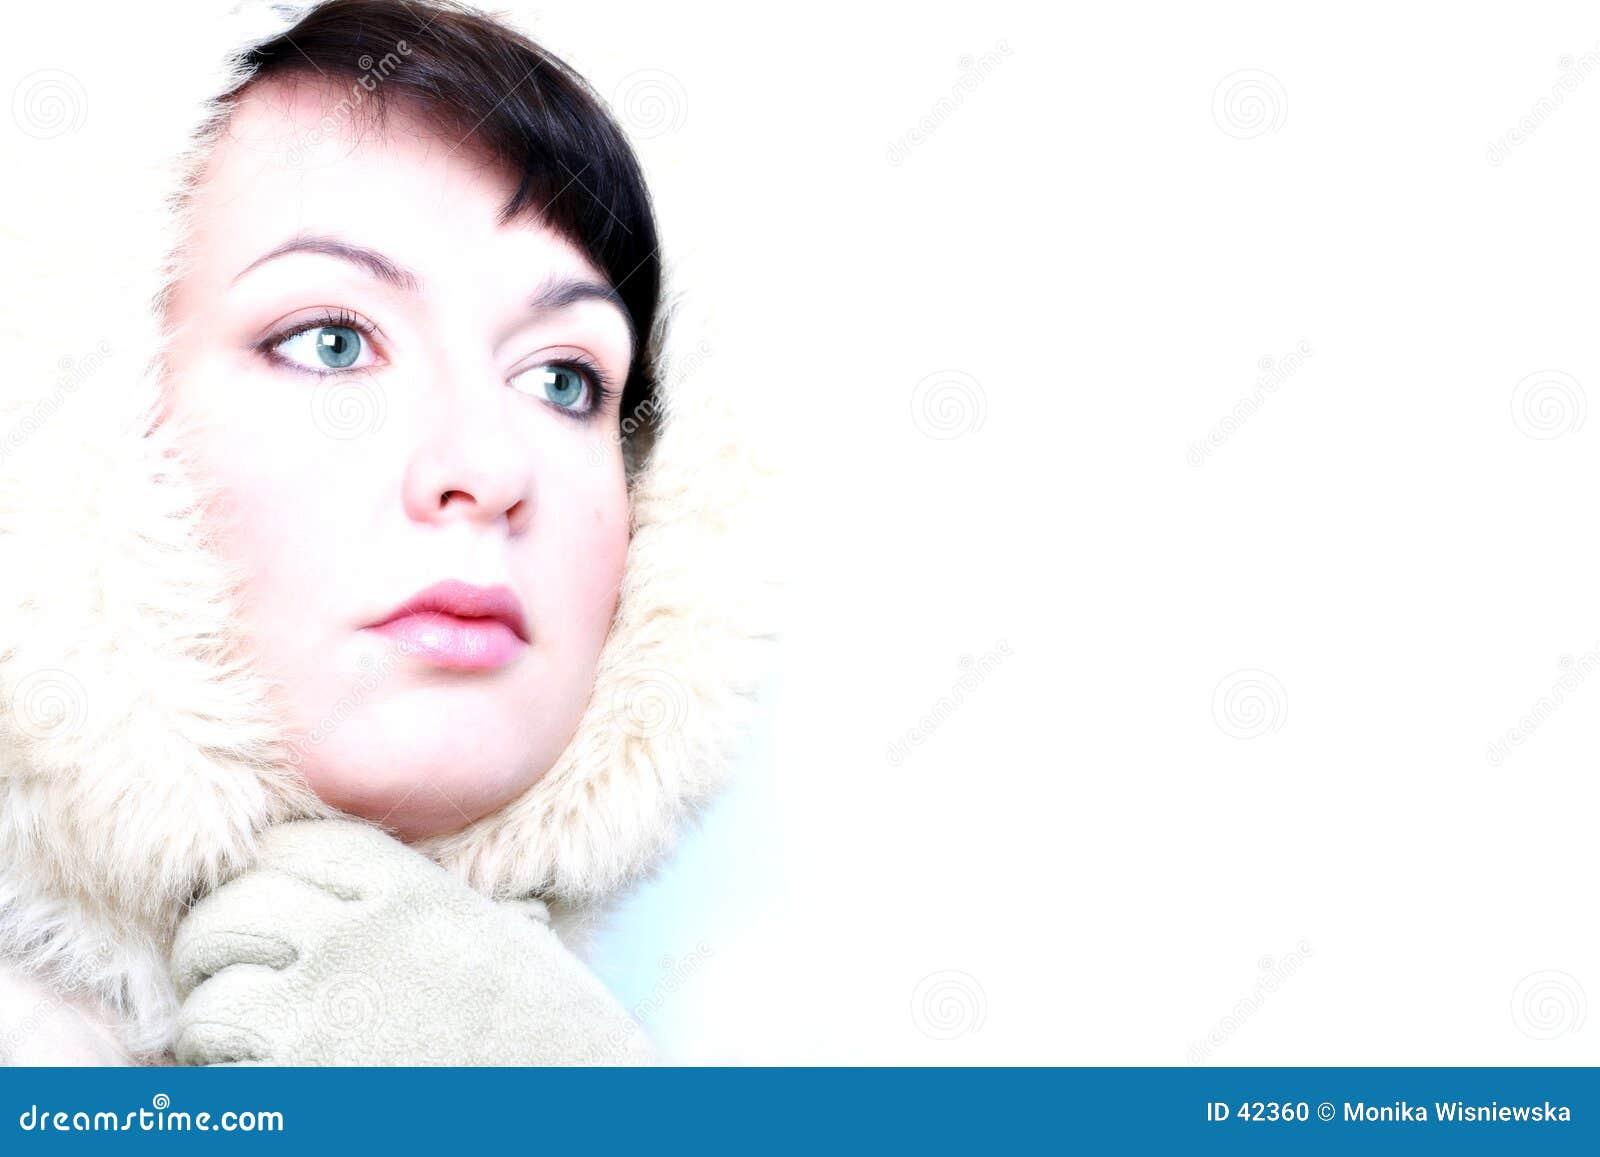 Winter-Mädchen - Eis-Blick